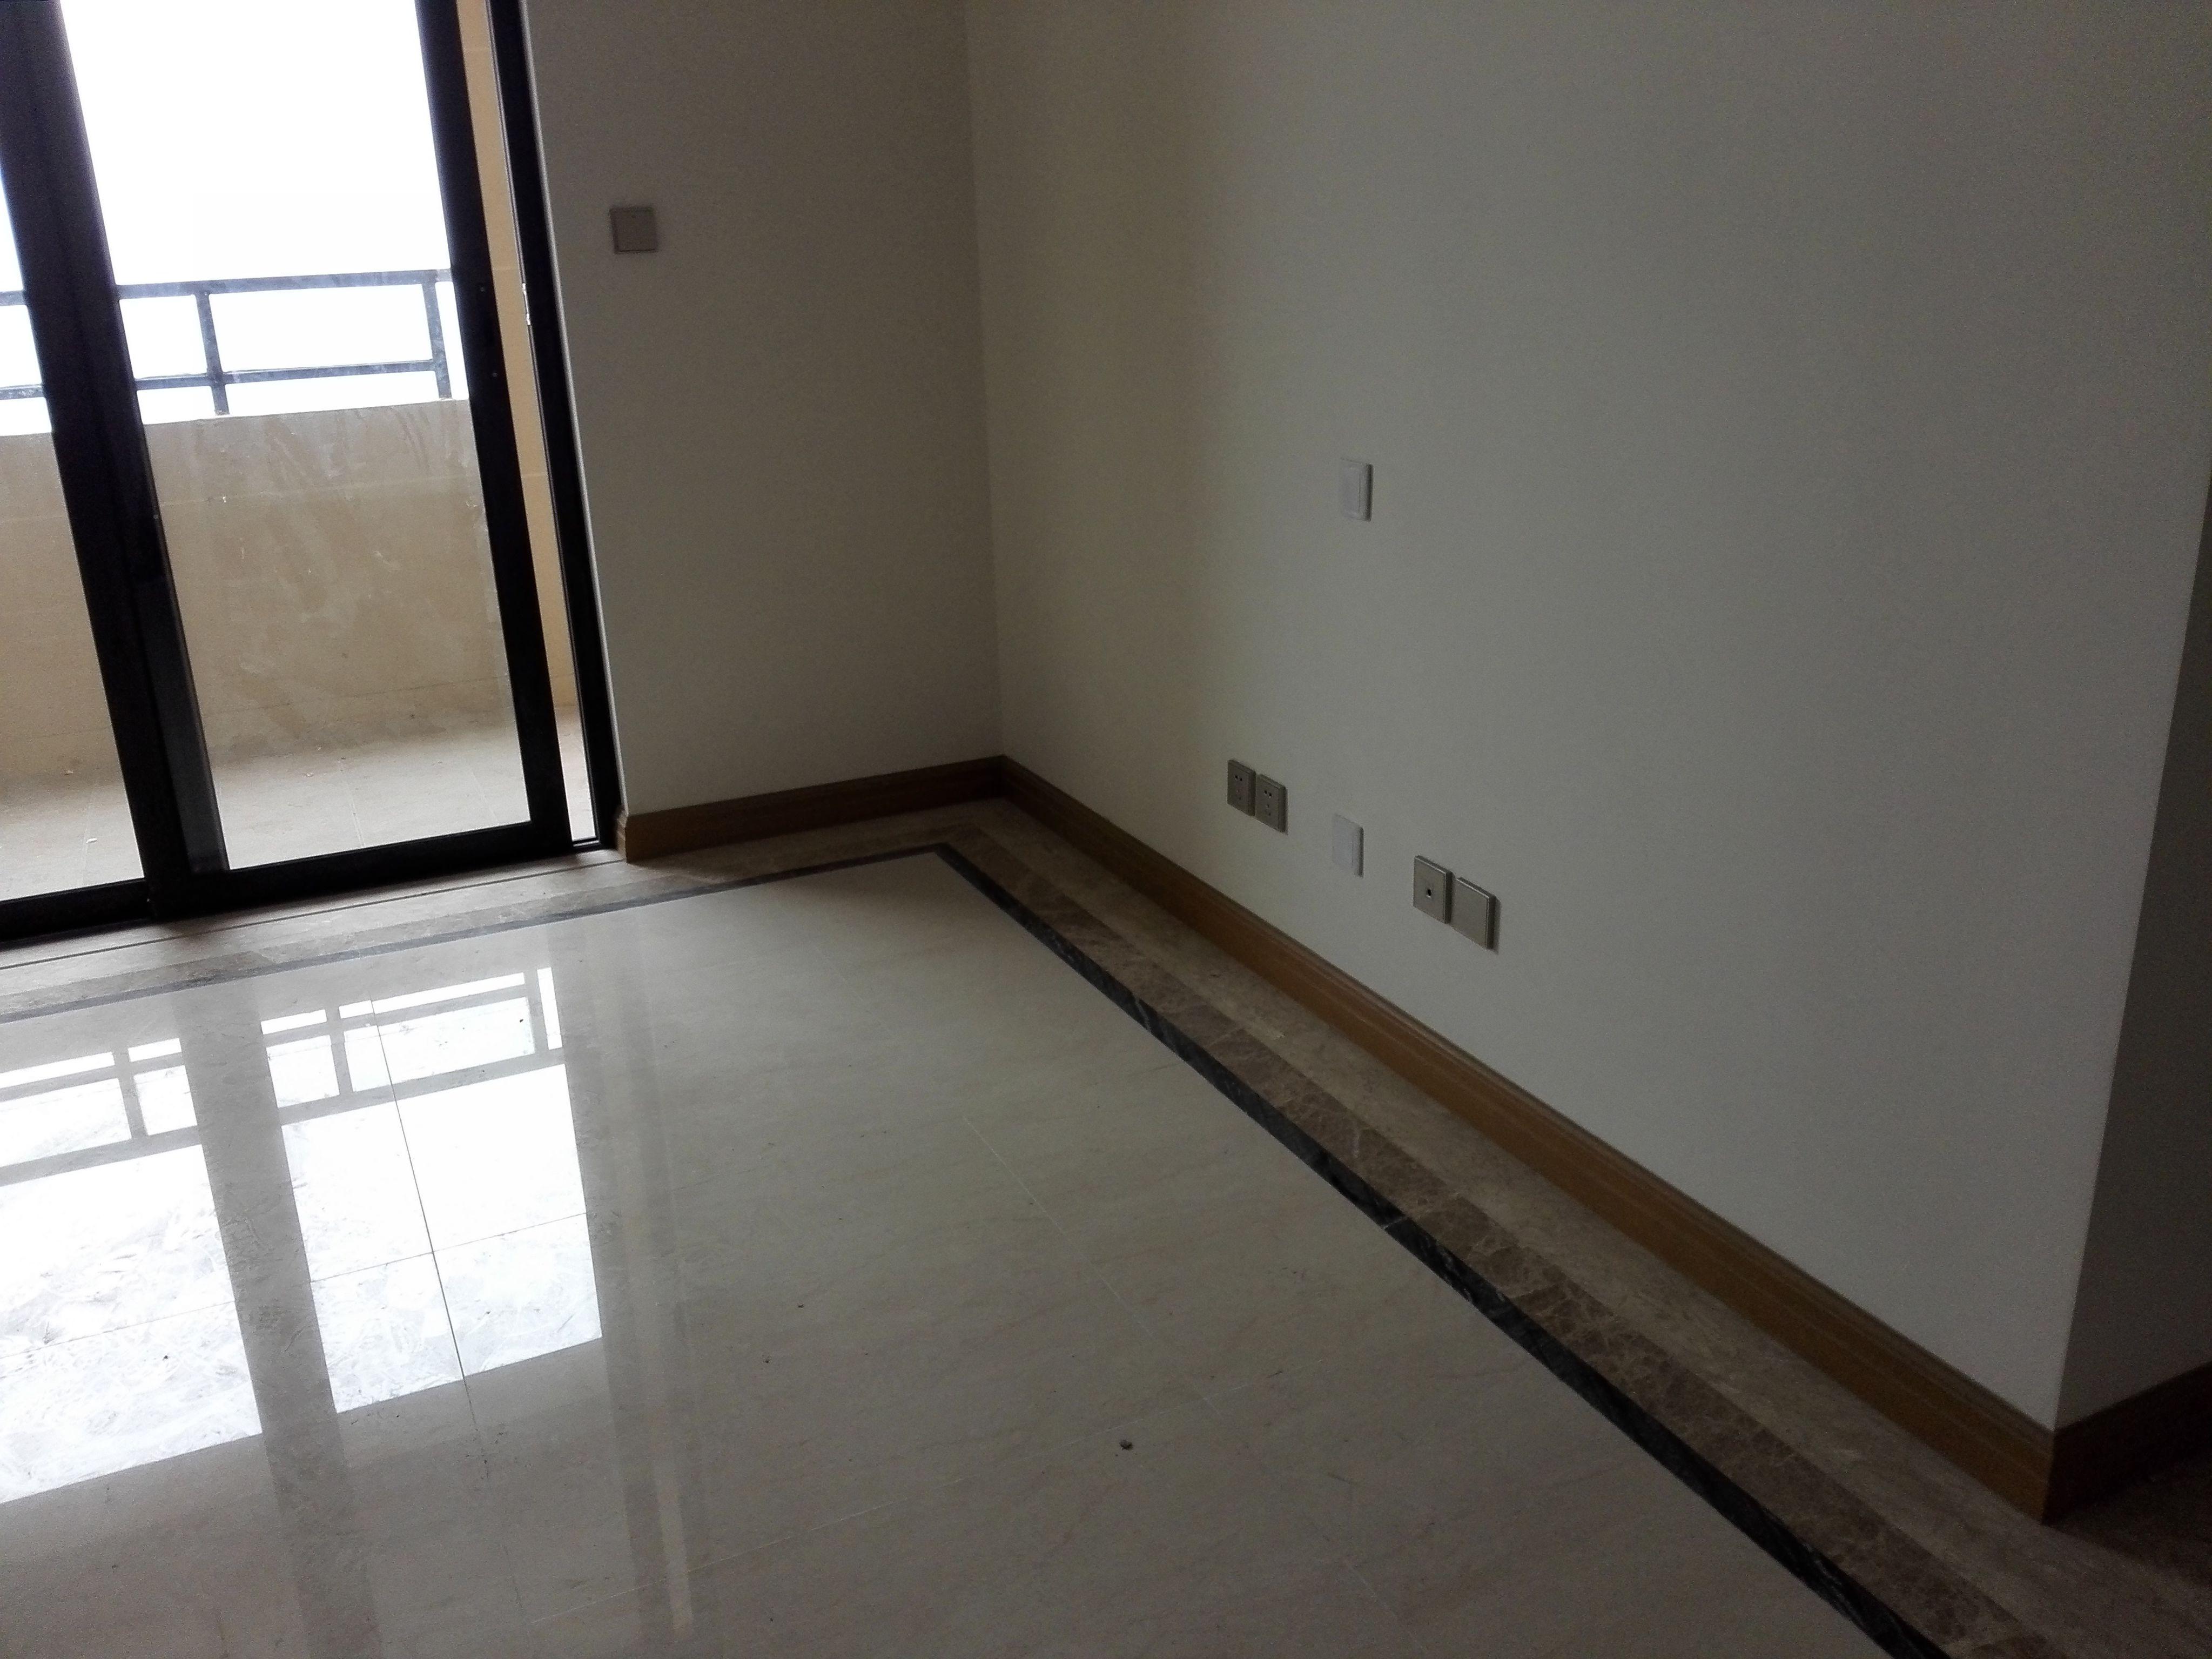 淺色客廳地板選擇什么顏色家具搭配